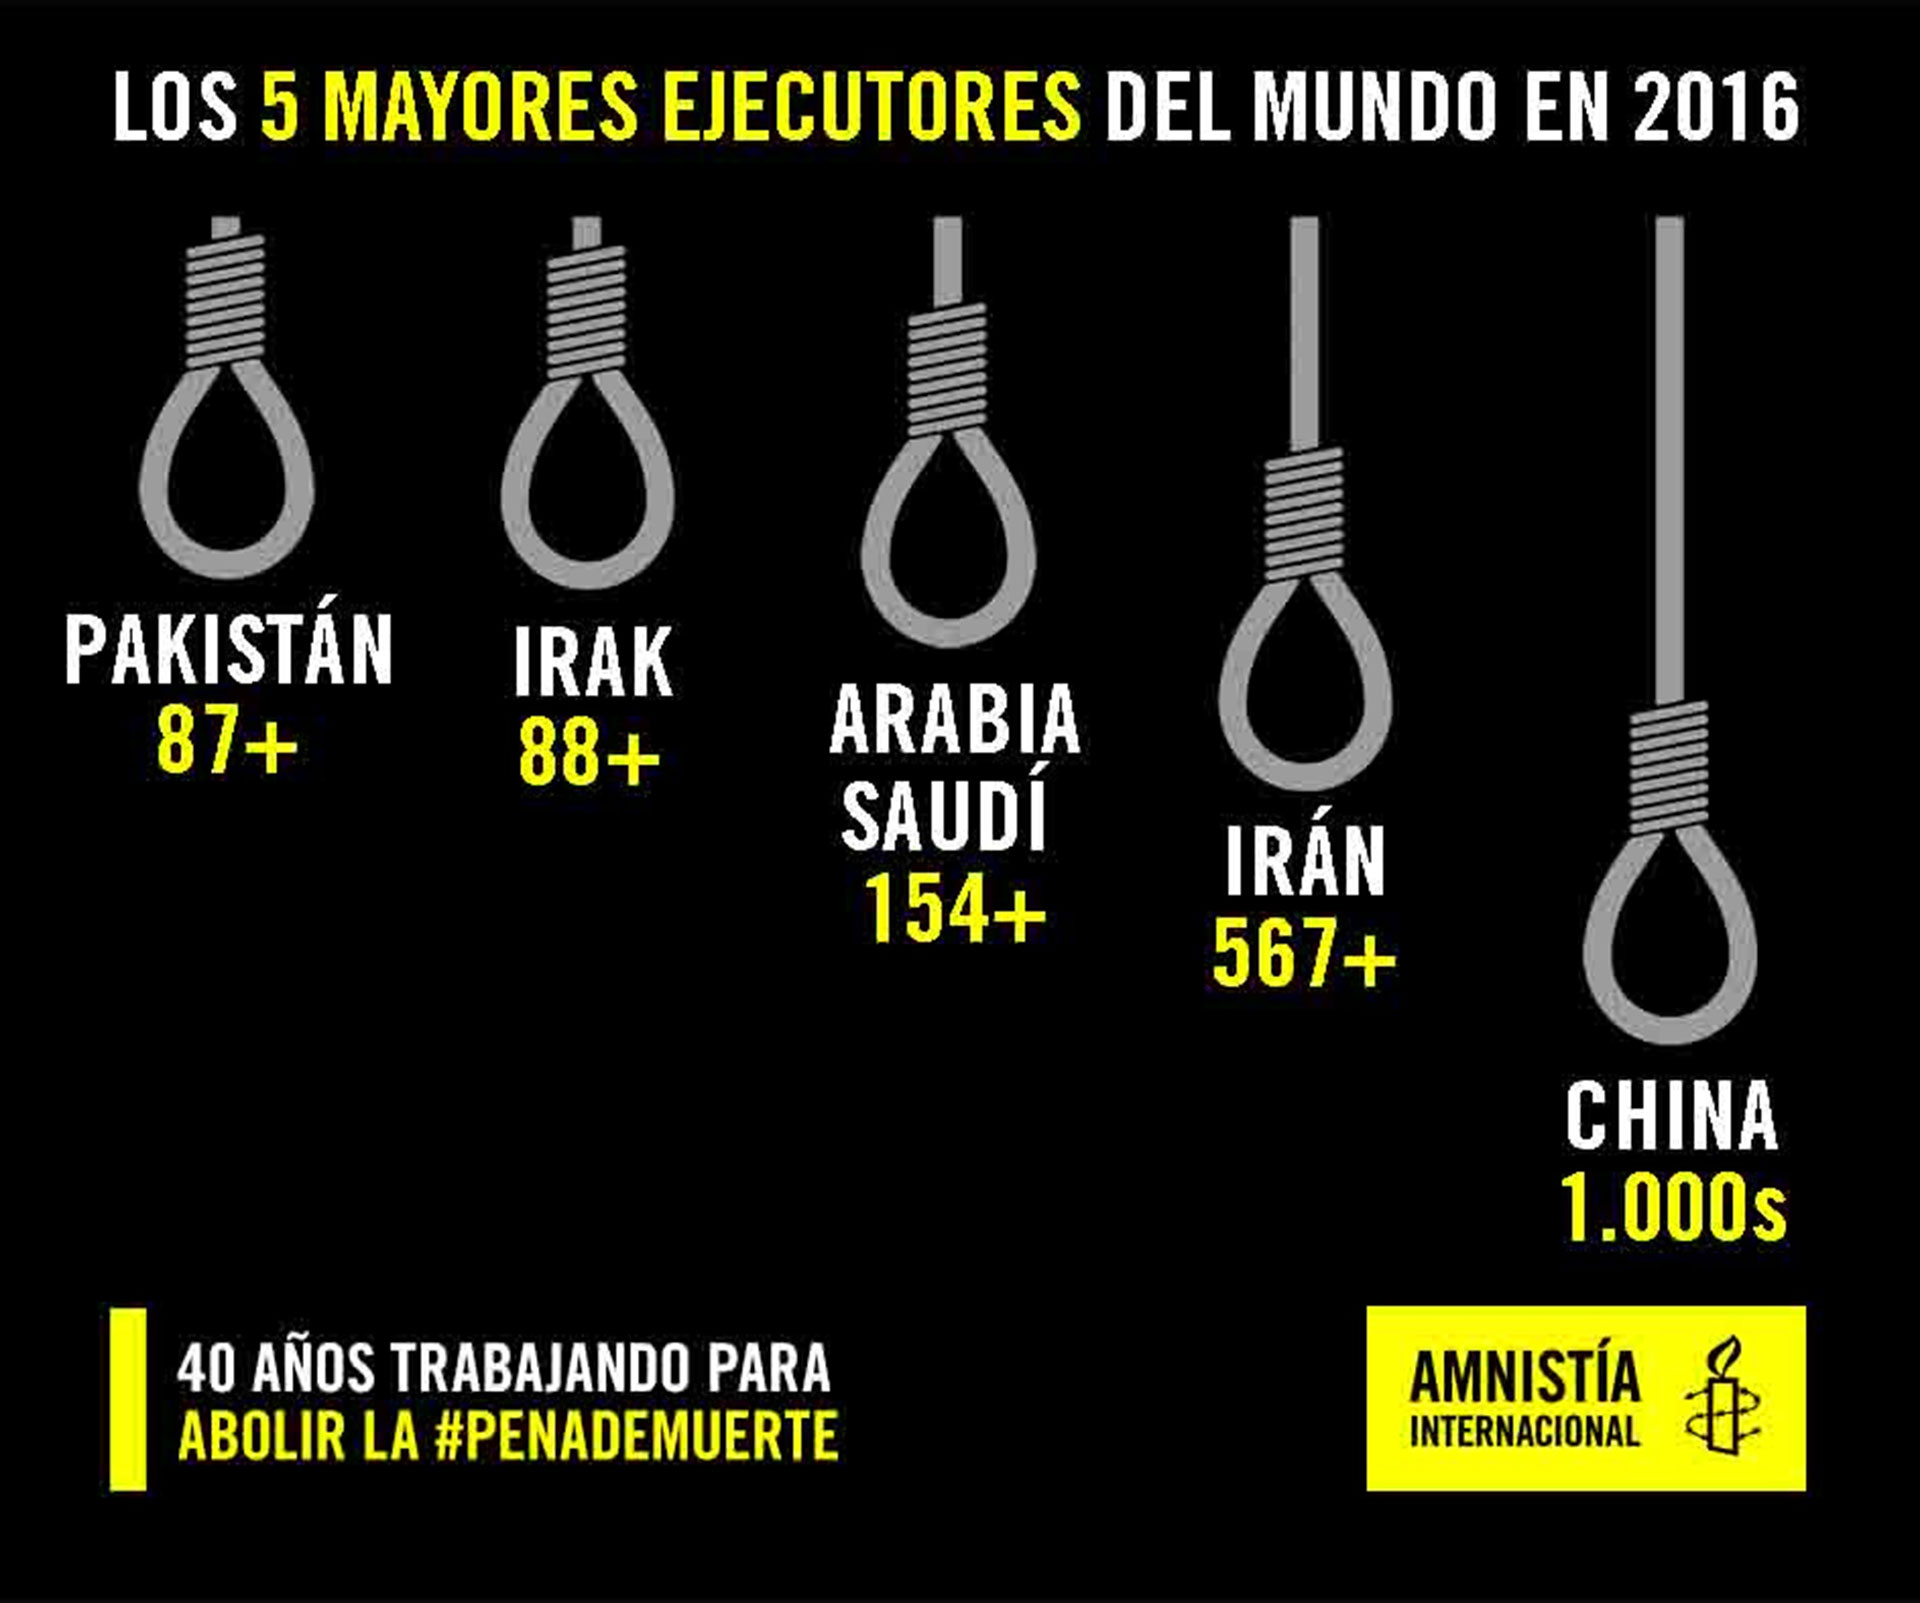 Los cinco países donde más penas capitales se aplican (Aminstía Internacional)